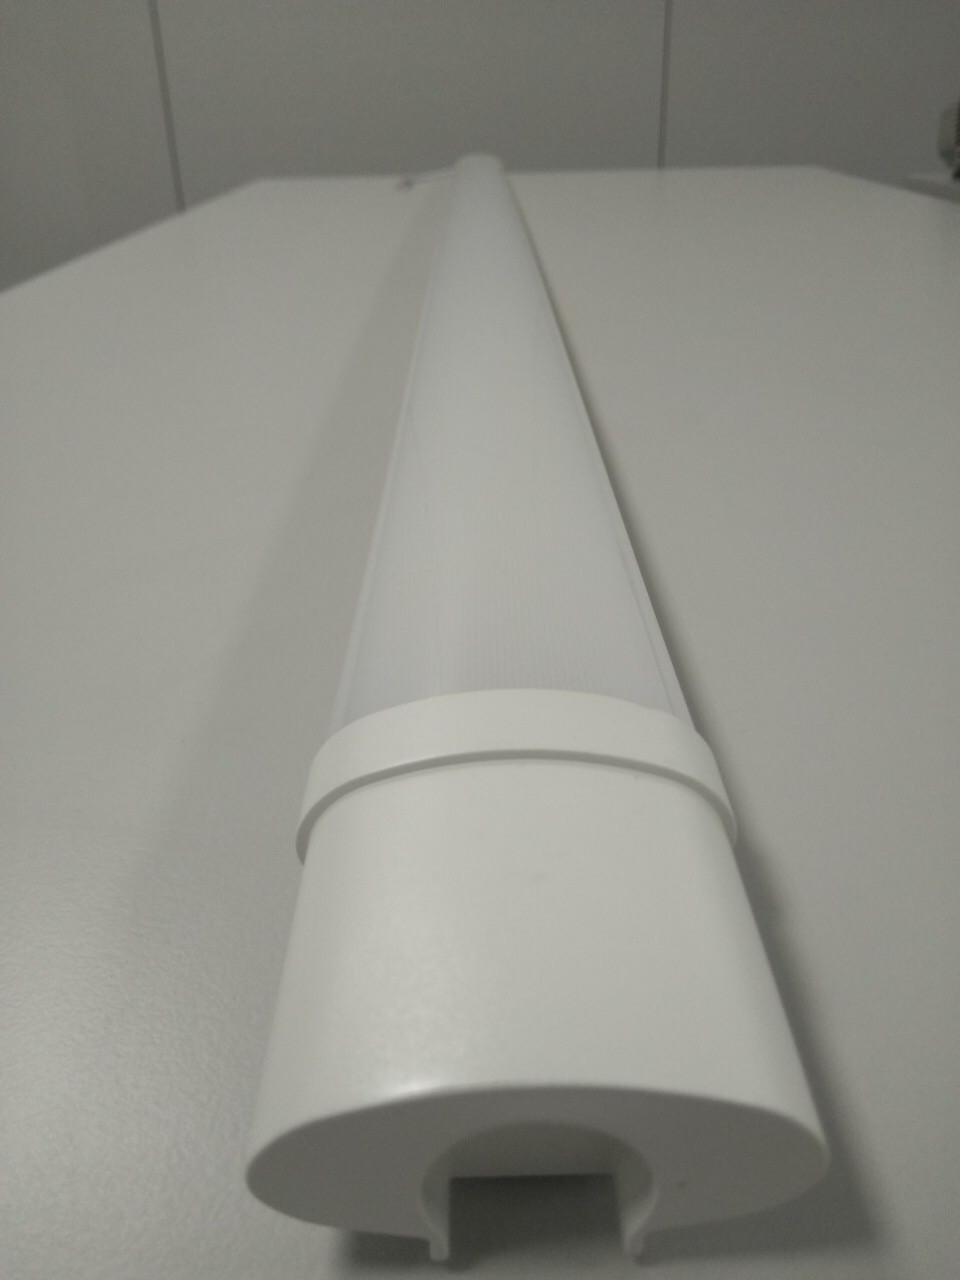 Светодиодный светильник Elmar DPL 9601S 45W 4200K 3825LM 1.5M IP65 (DPL.9601S.45.4200.IP65)